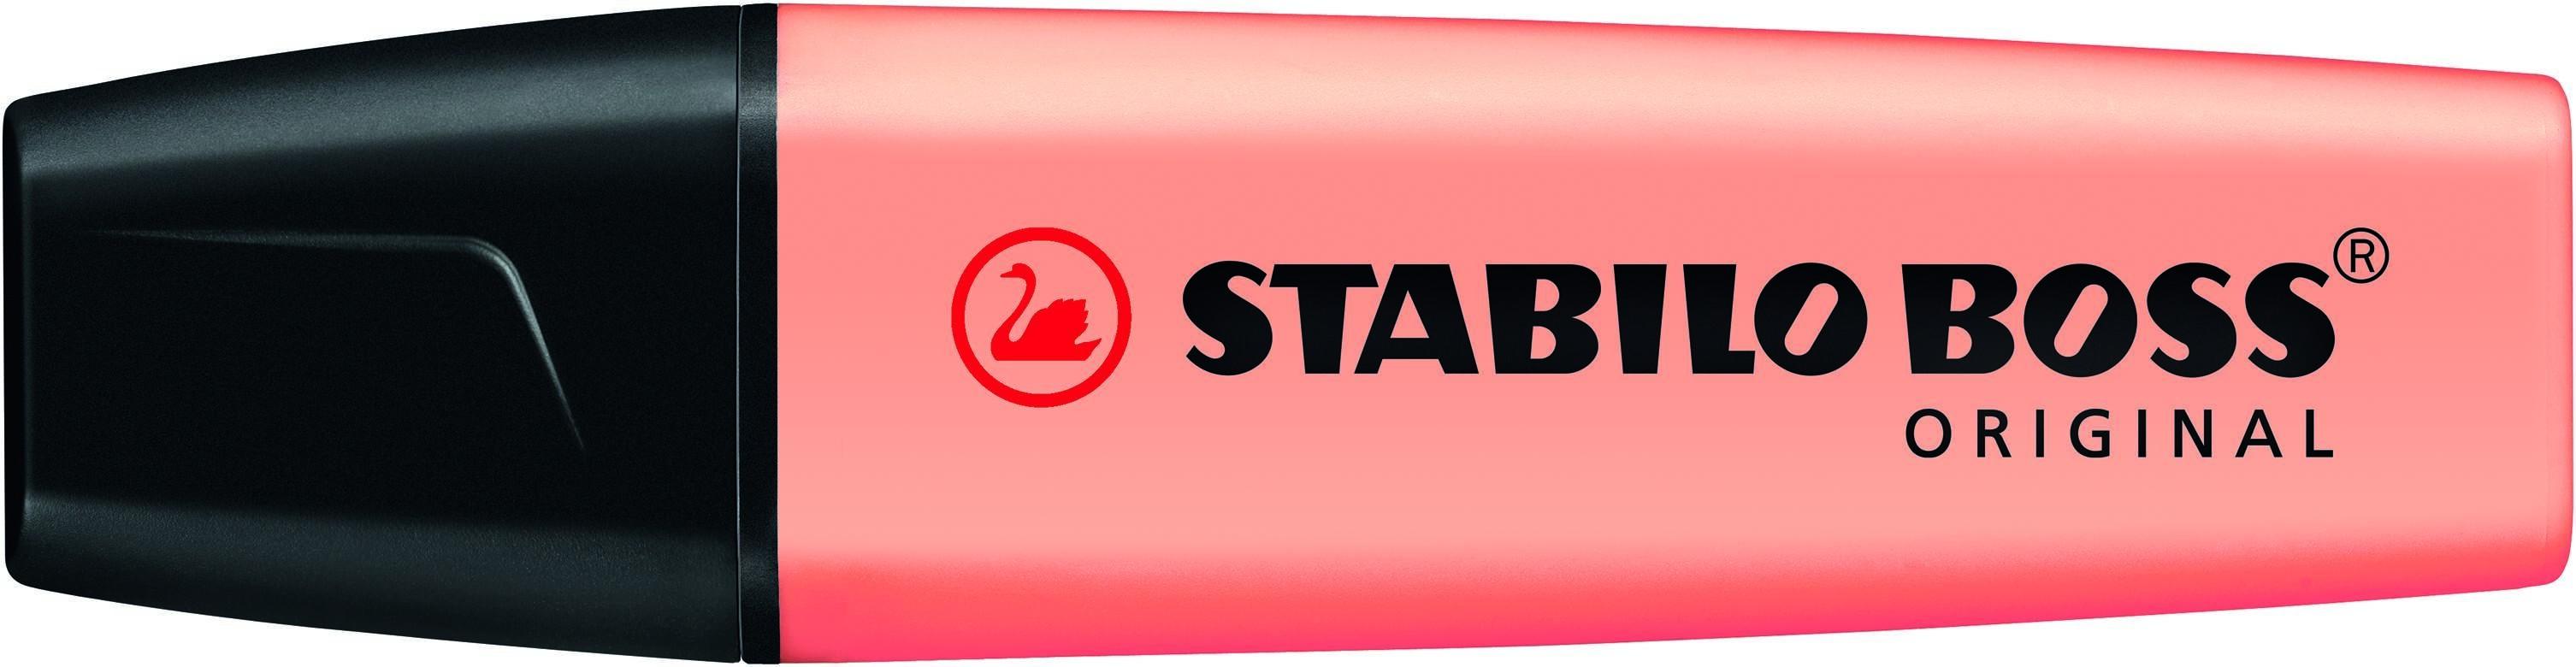 STABILO BOSS ORIGINAL Pastel - Surligneur - pêche